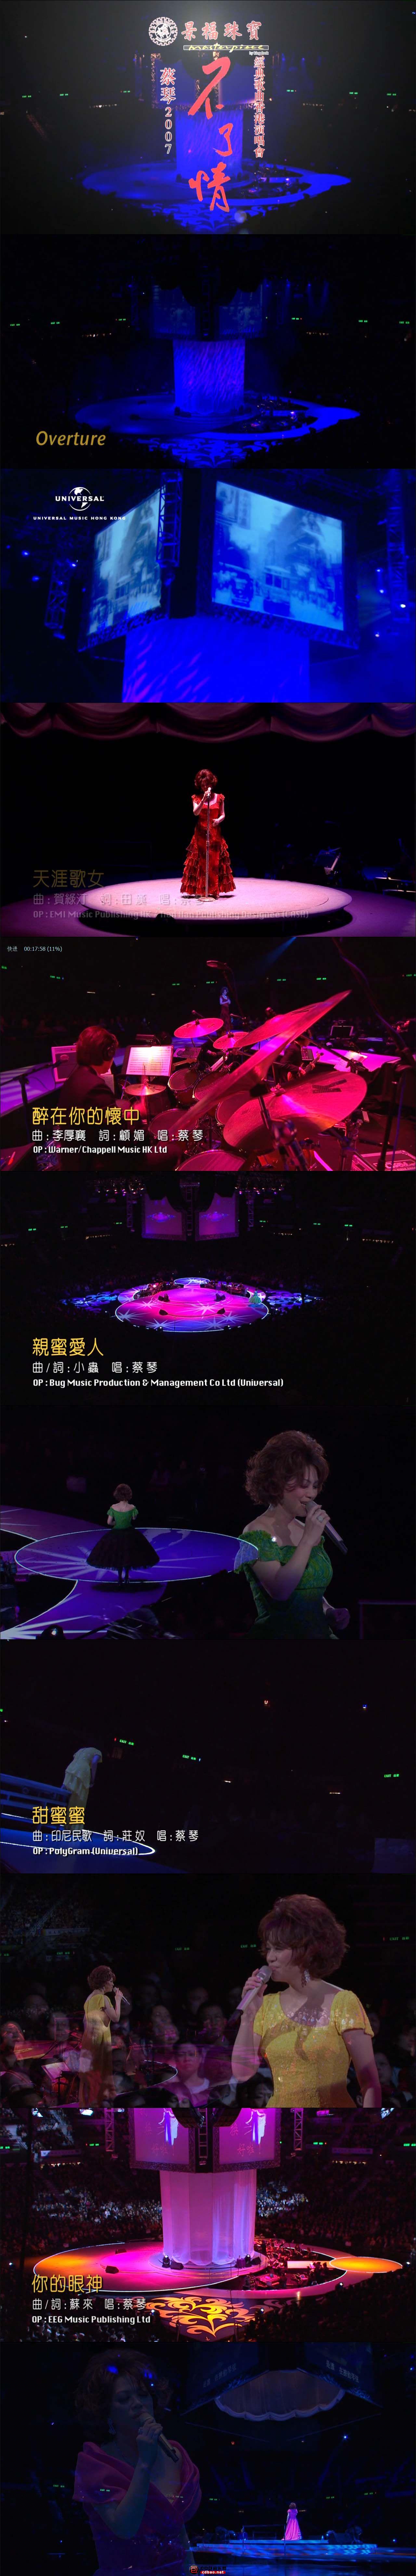 蔡琴2007香港演唱会